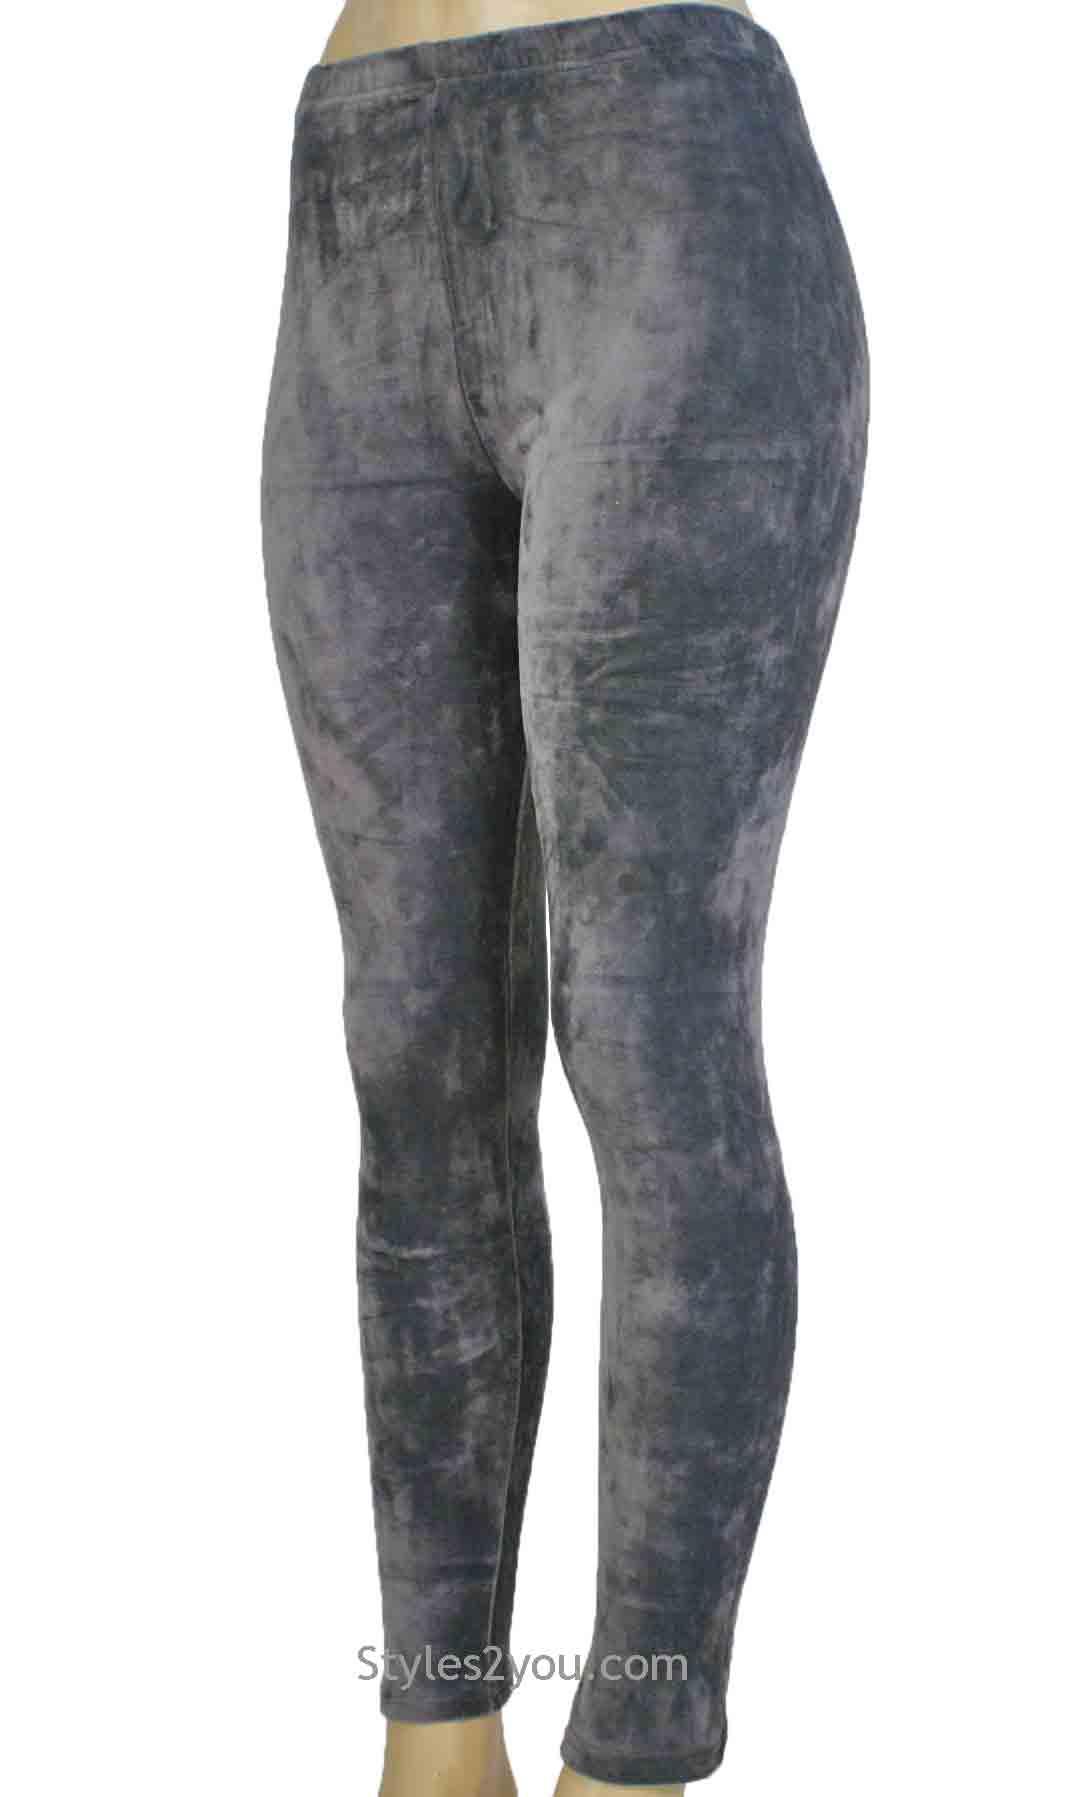 bd9345c1d869f Regina Crushed Velvet Legging In Gray [Crushed Velvet Legging In Gray] -  $32.00